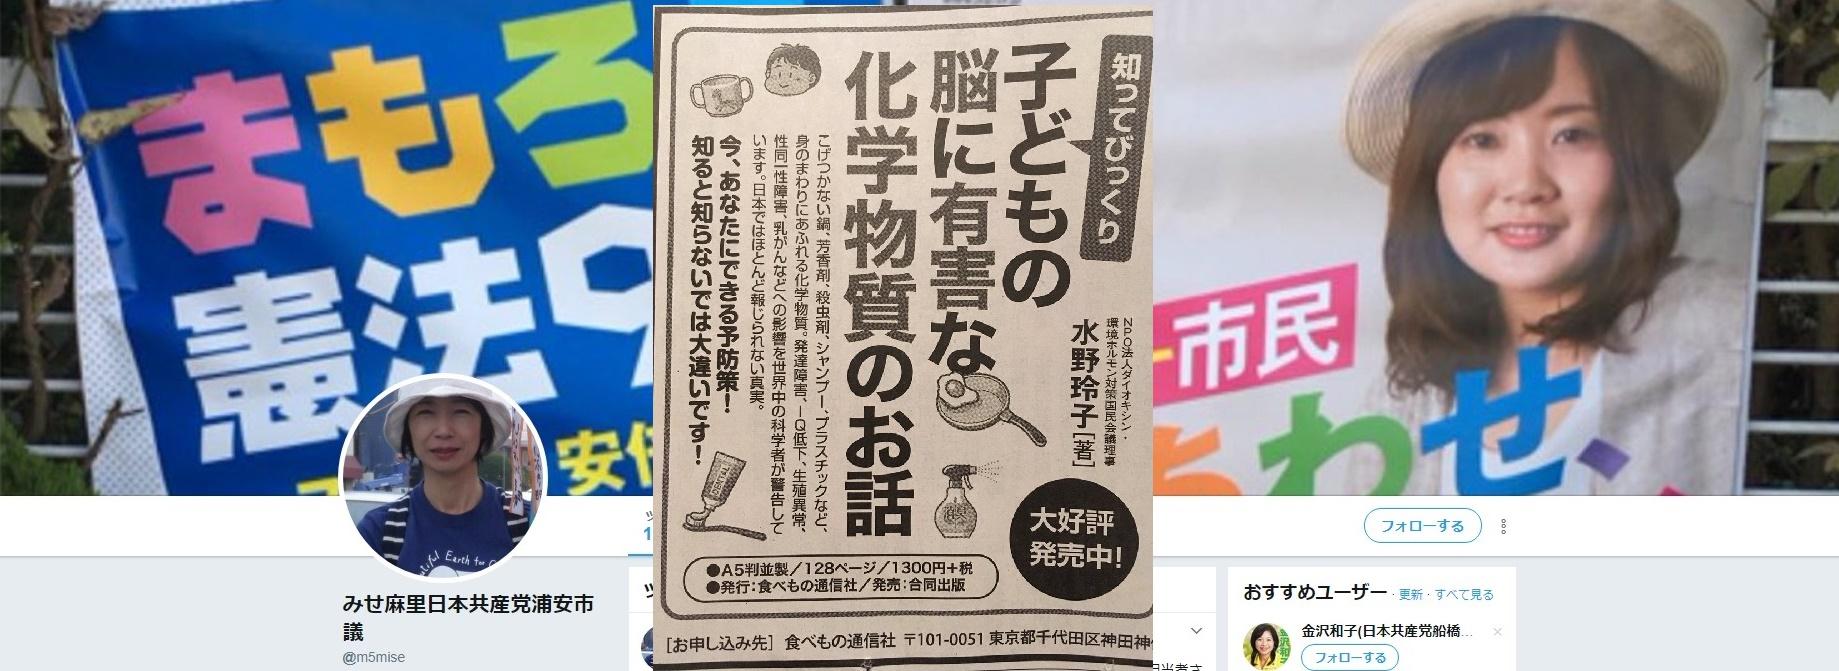 赤旗が不適切広告「性同一性障害、発達障害は化学物質の影響、予防できる」共産党市議「注文します!」